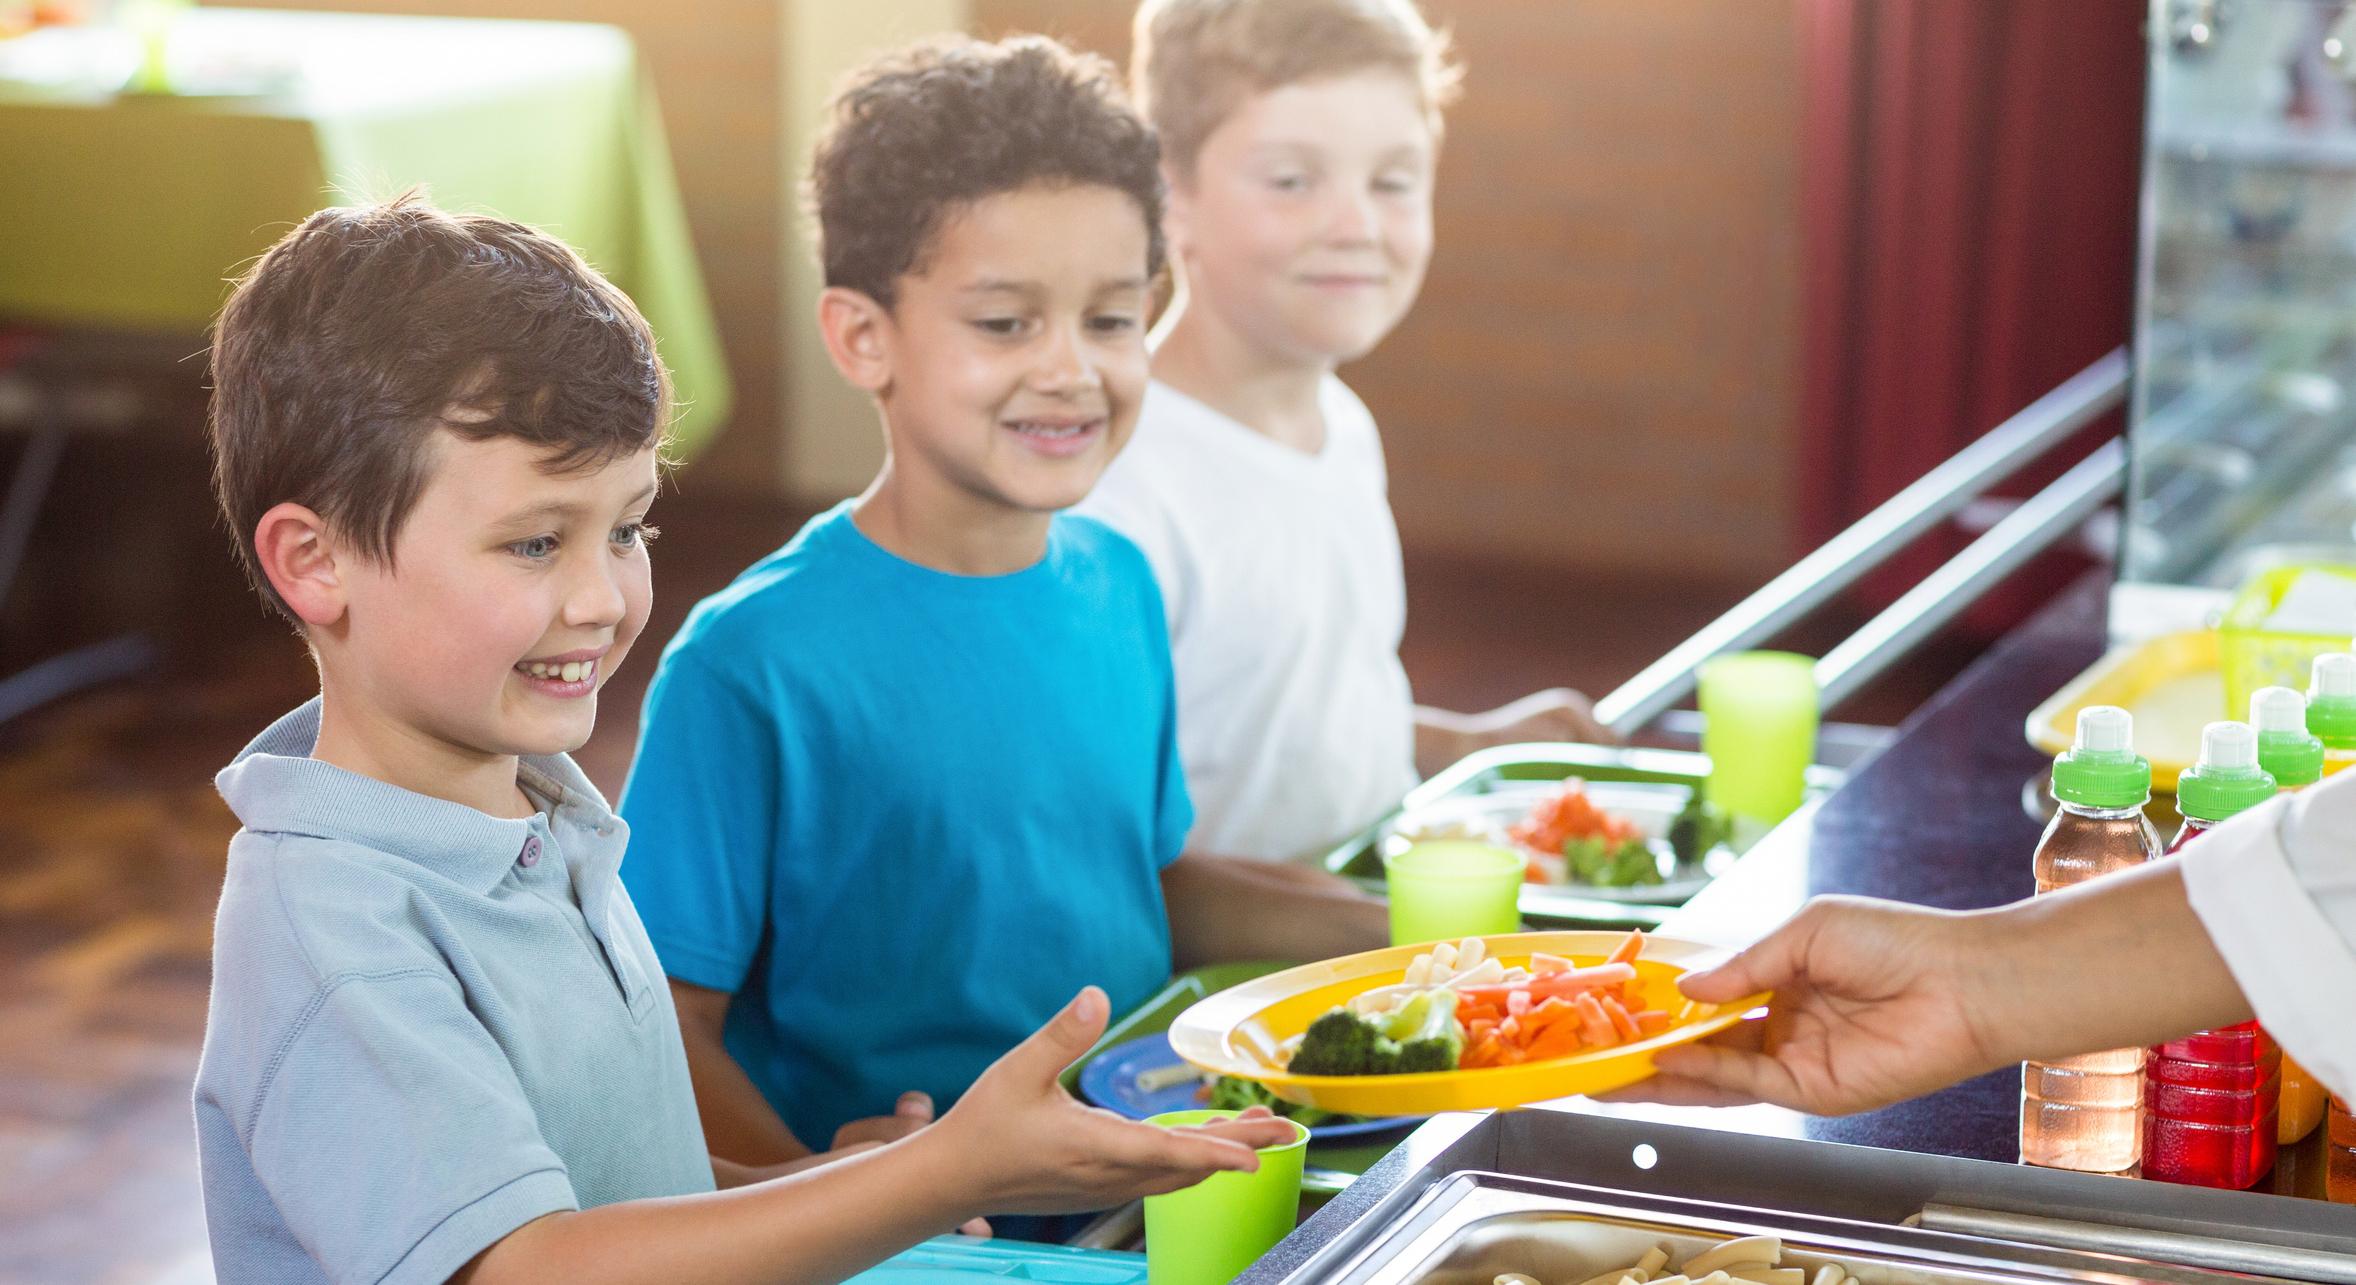 Restauration scolaire fnogec - Reglementation cuisine collective ...